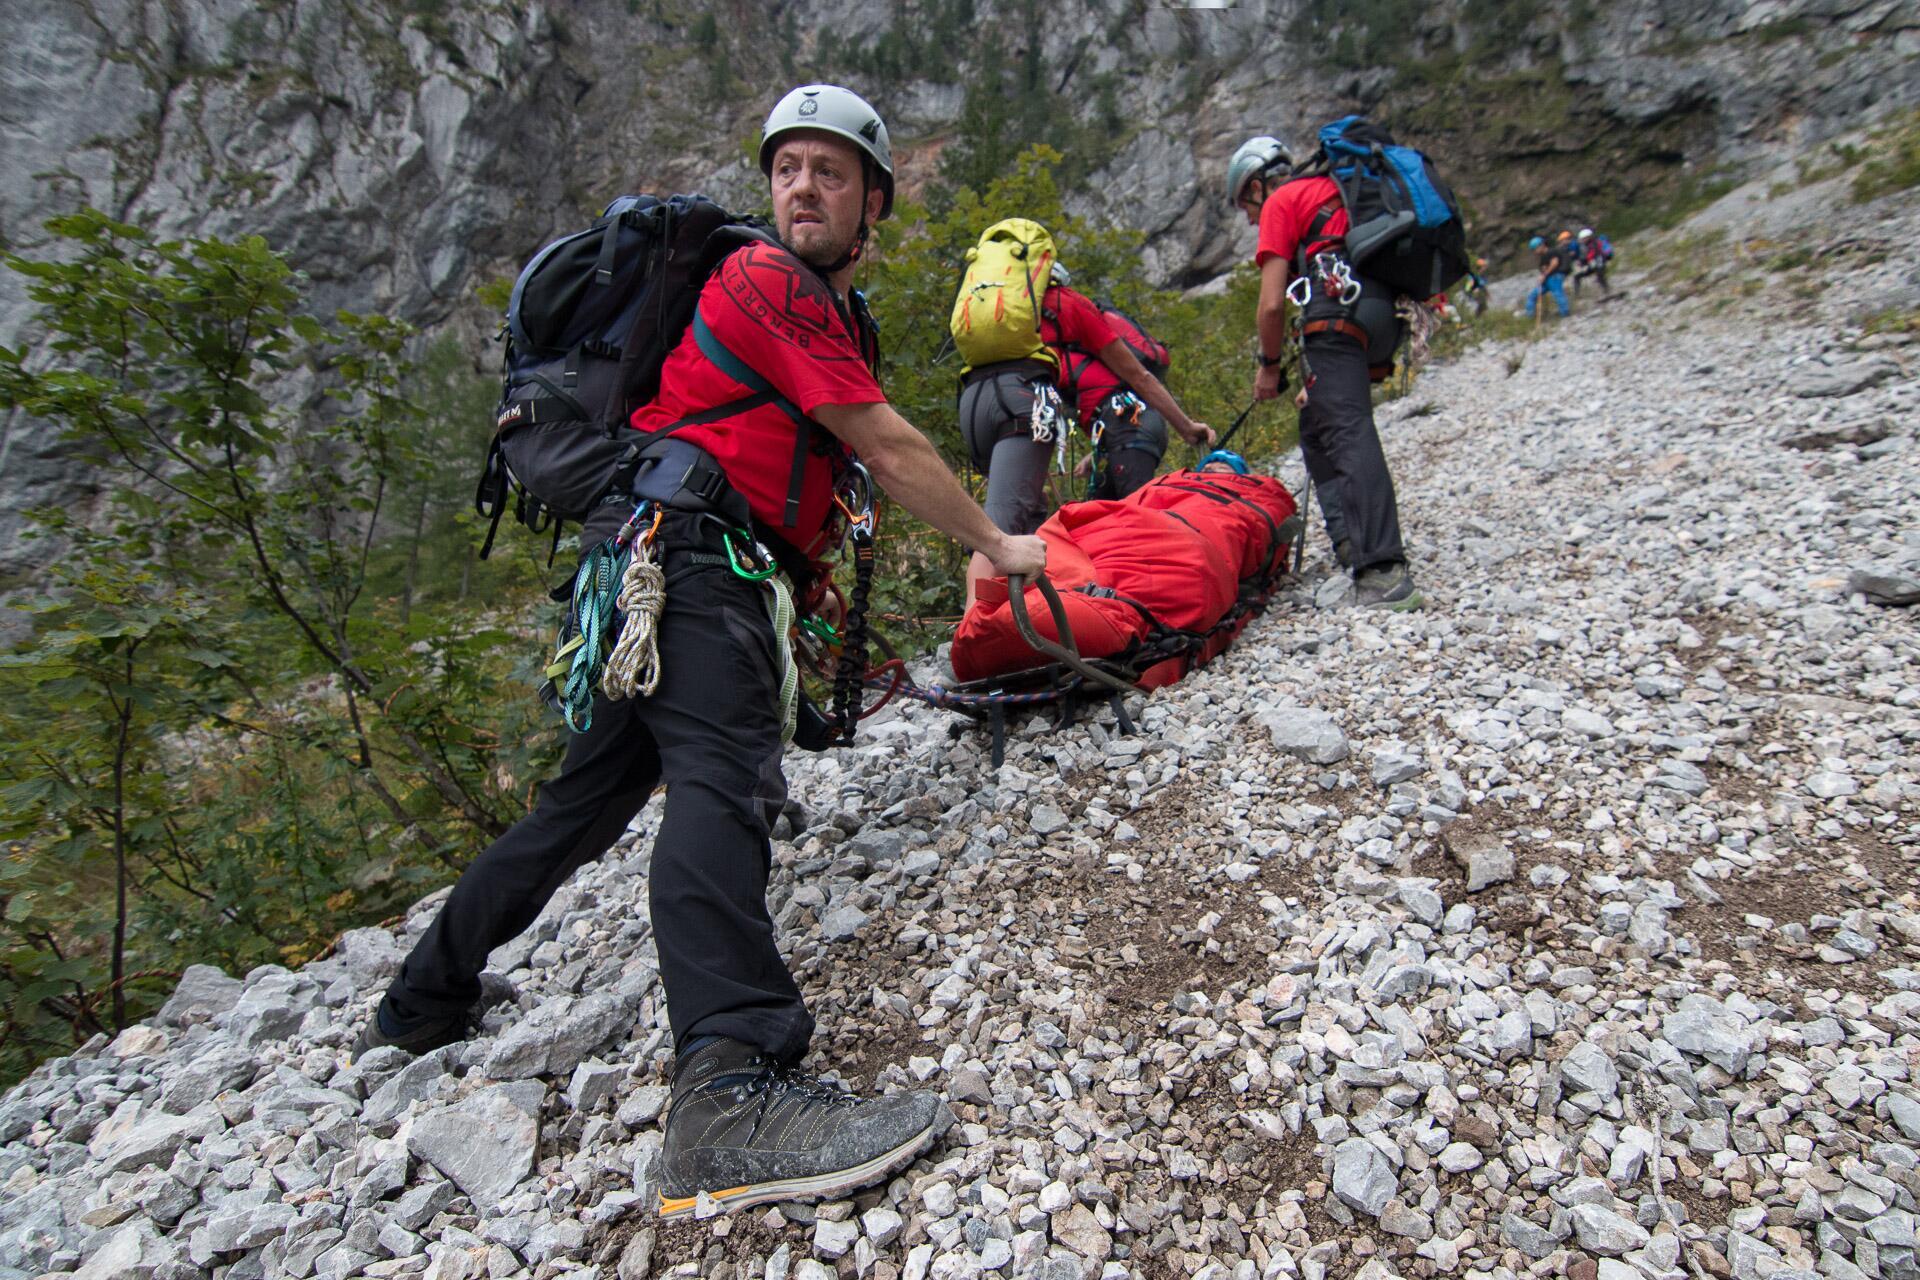 Bild zu Der ÖBRD übt regelmässig Rettungen im alpinen Gelände